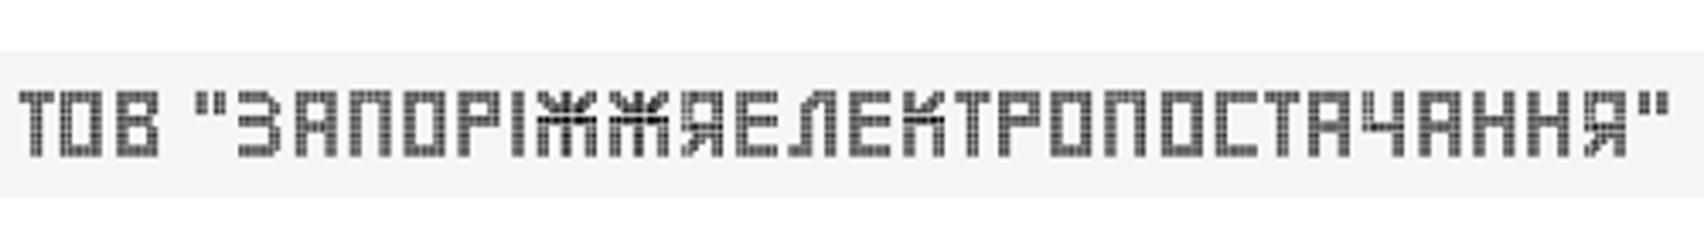 """ТОВ """"ЗАПОРІЖЖЯЕЛЕКТРОПОСТАЧАННЯ"""" Енергодарське районне відділення"""